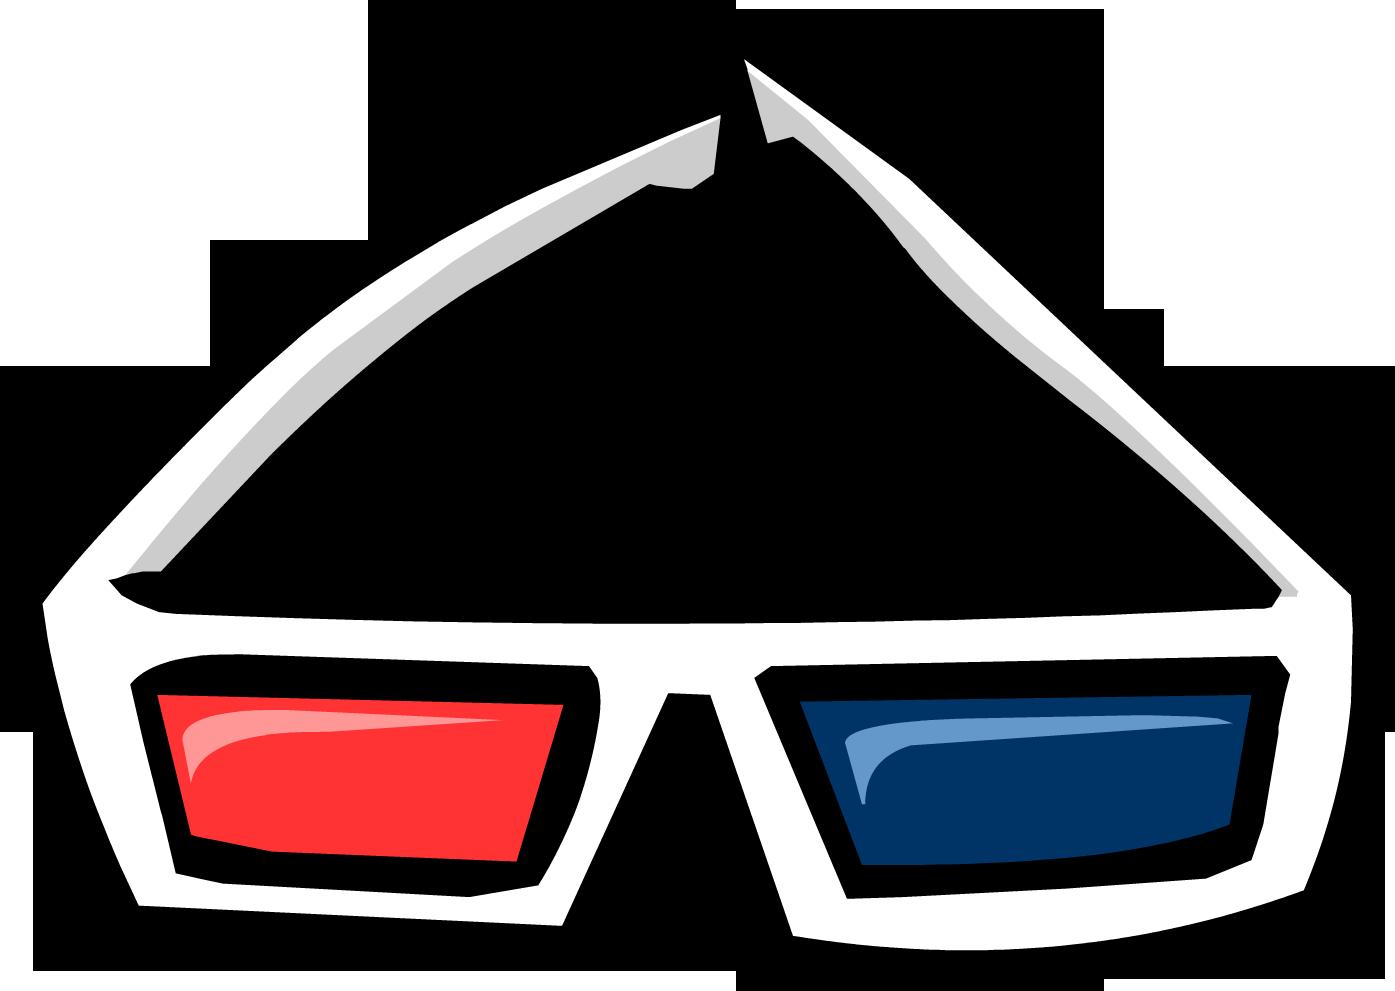 Sunglasses clipart vintage glass.  d glasses club